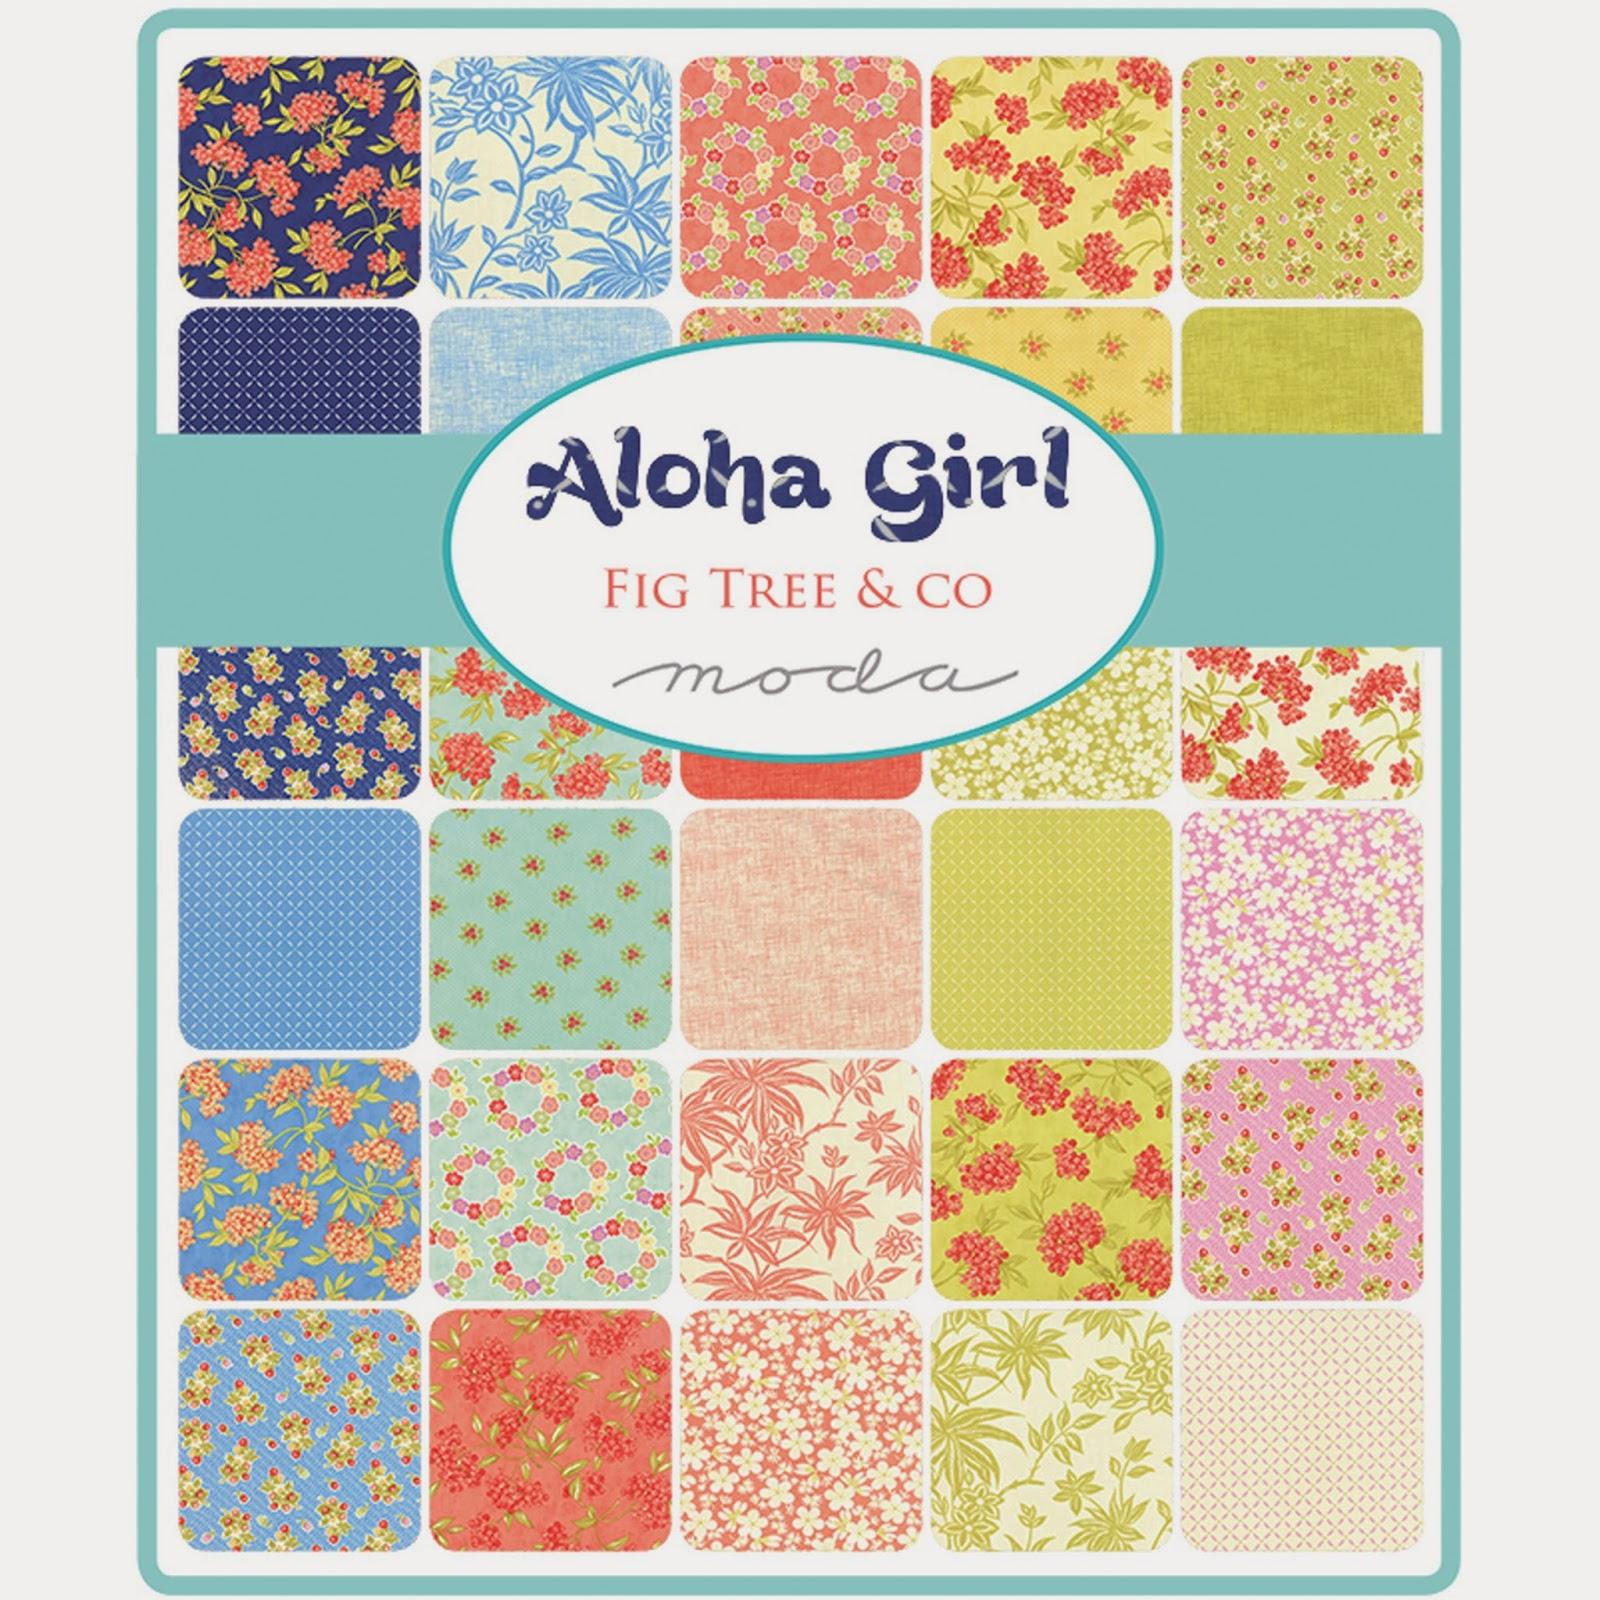 Moda ALOHA GIRL Fabric by Fig Tree Quilts for Moda Fabrics